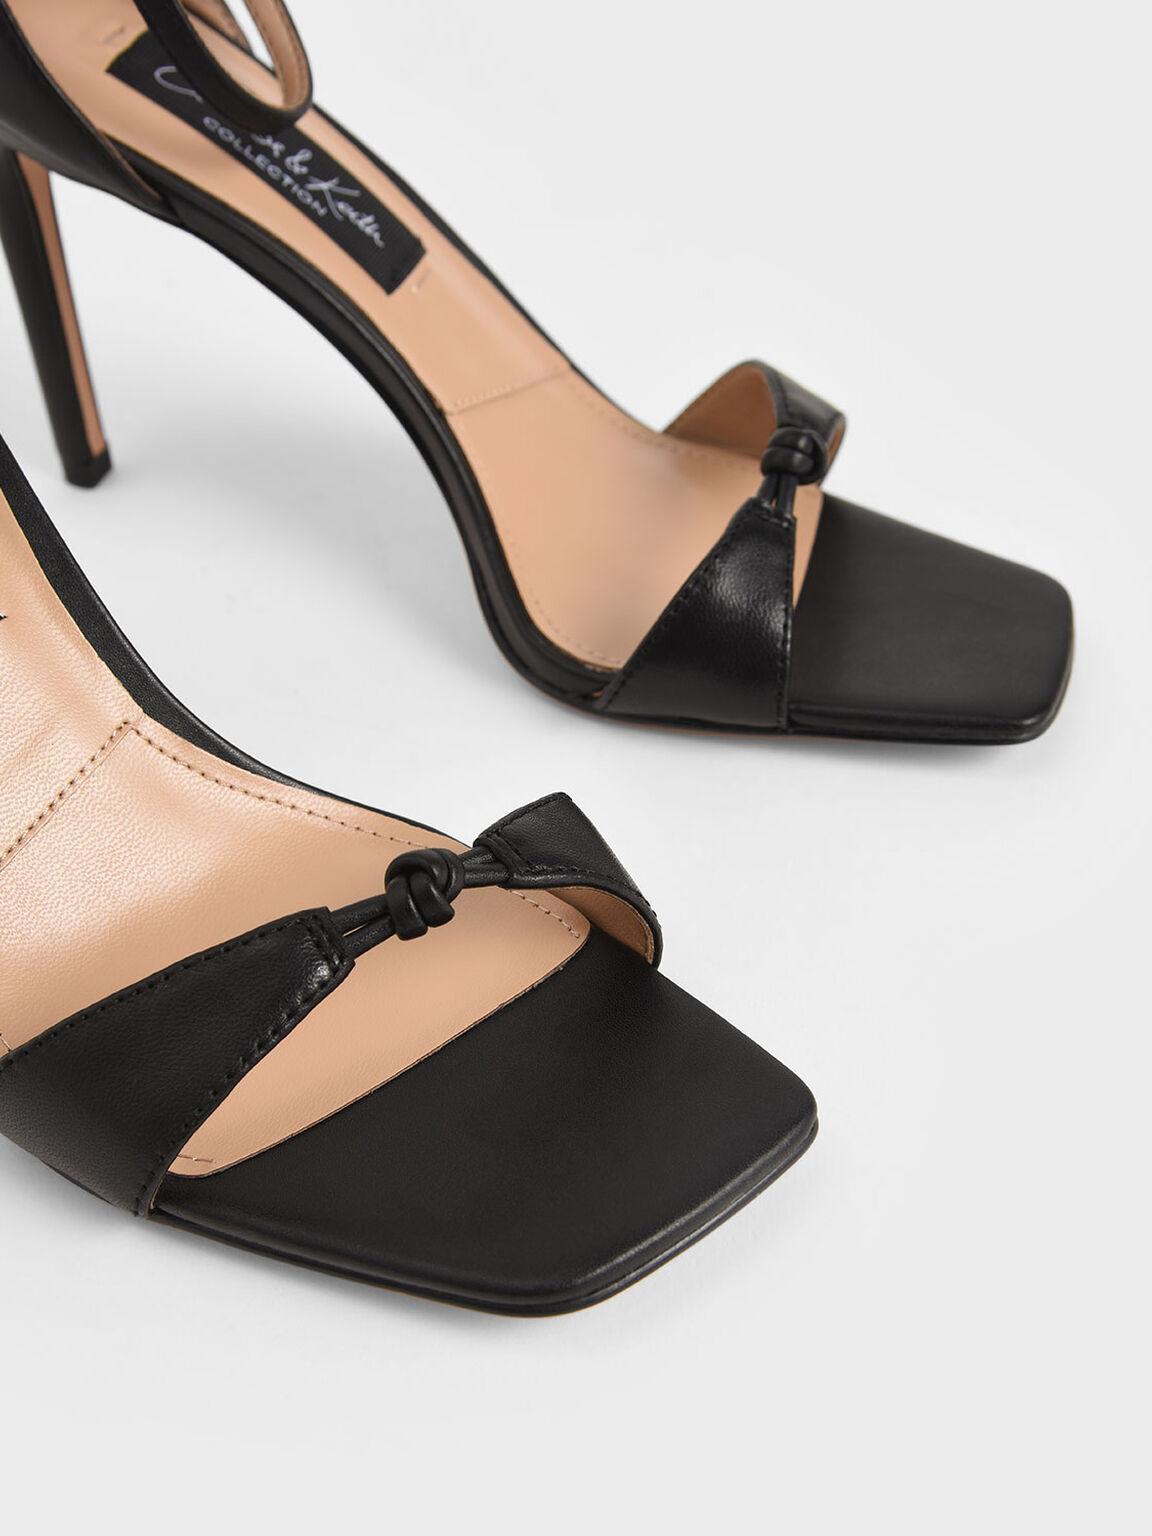 Leather Knot Detail Heeled Sandals, Black, hi-res